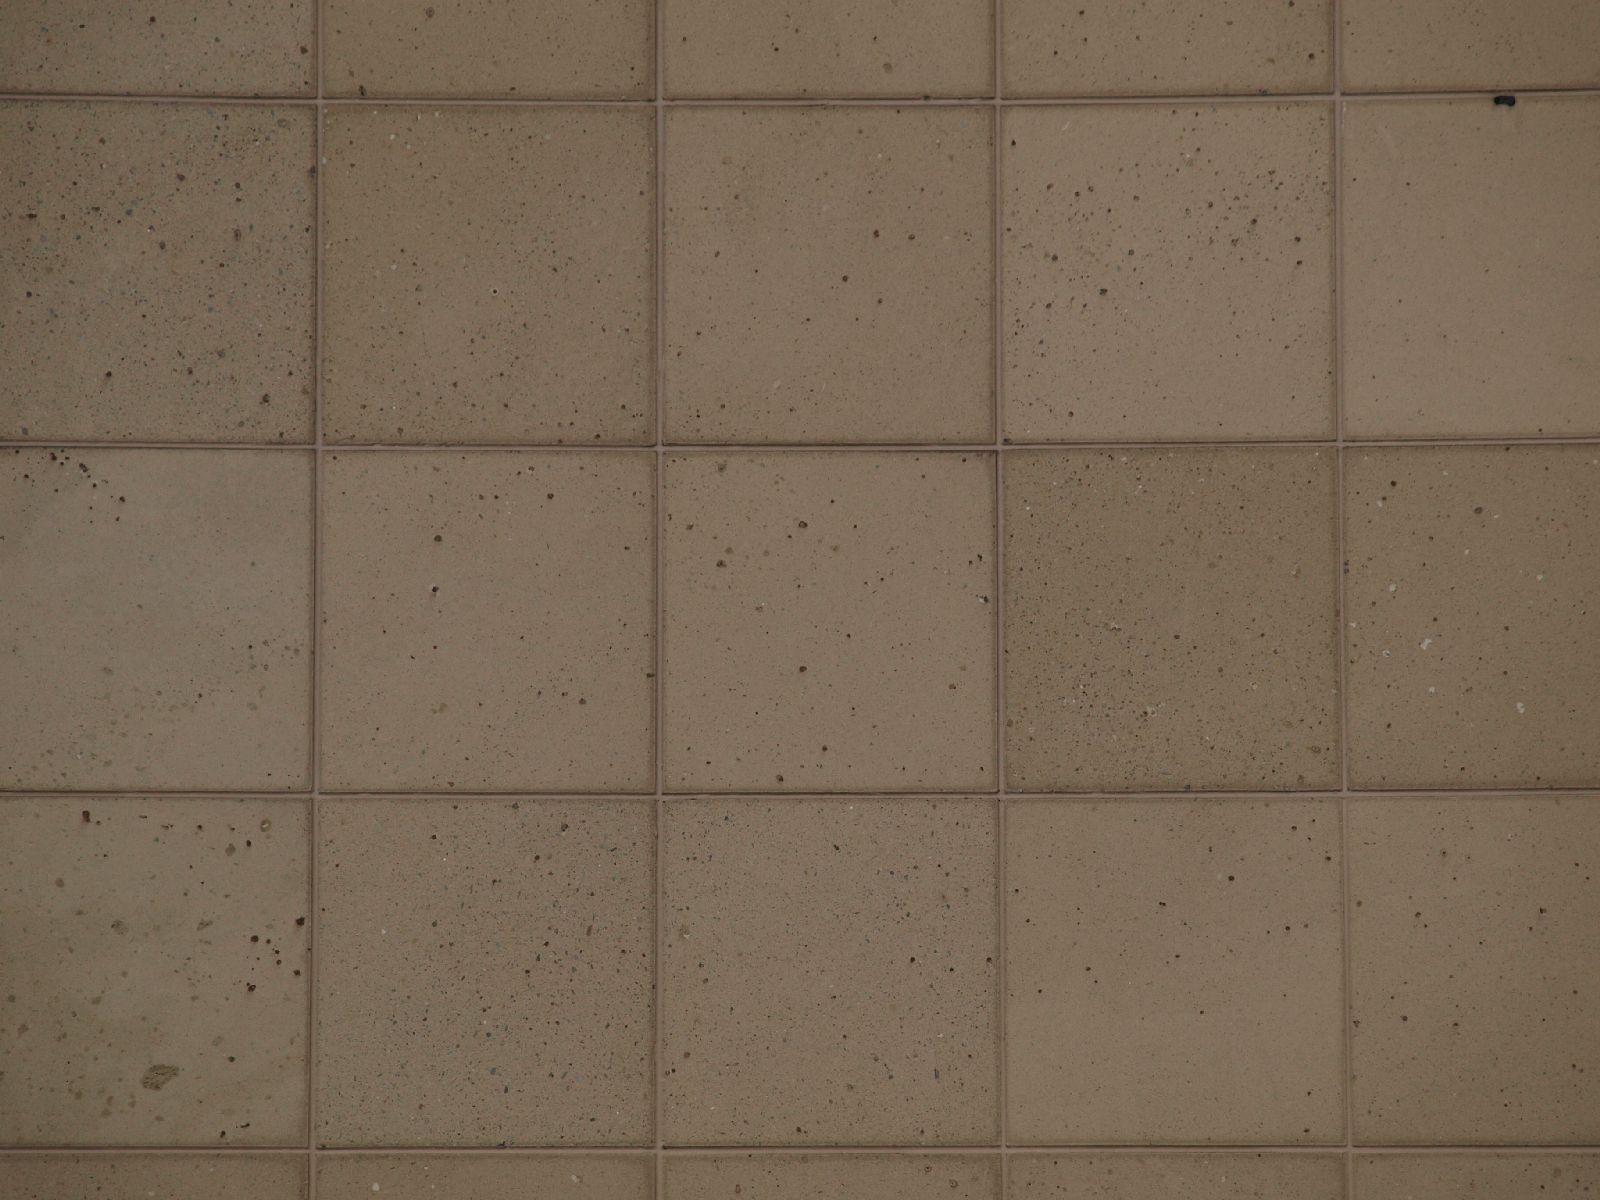 Wand-Steinbloecke-Quader_Textur_A_PB261276